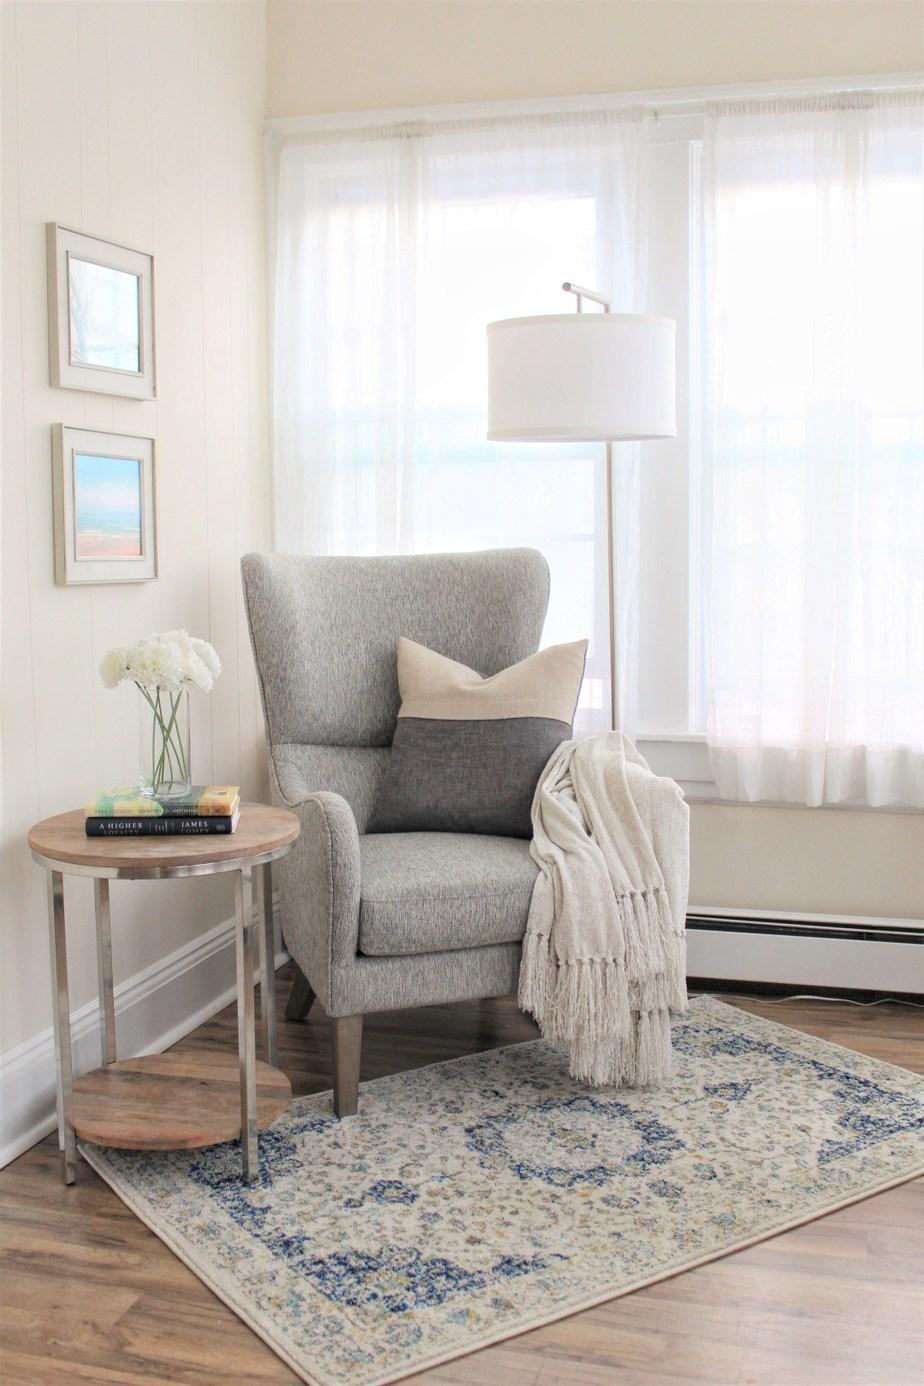 5. Coastal Cozy Reading Nook by simphome.com